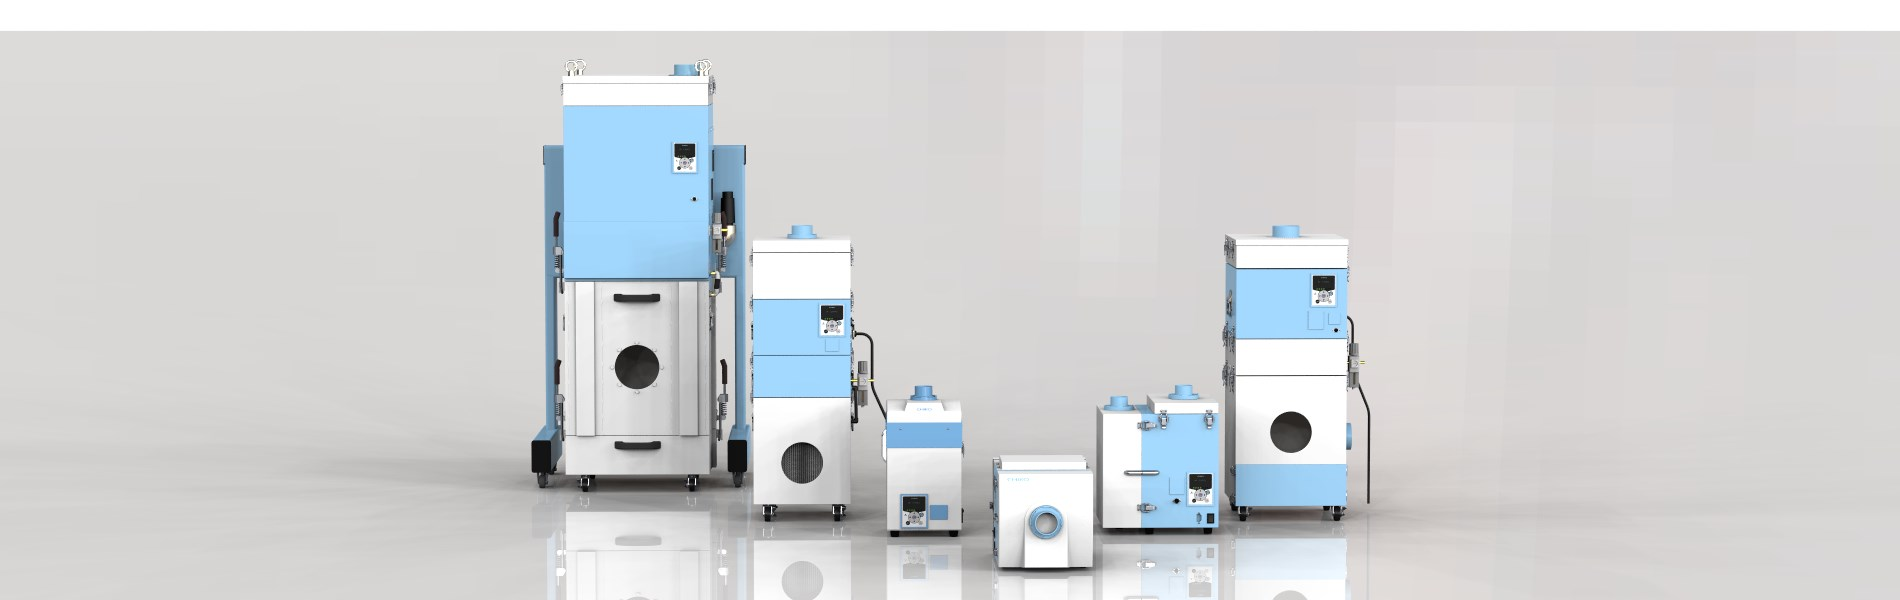 集塵機 産業用機器のデザイン